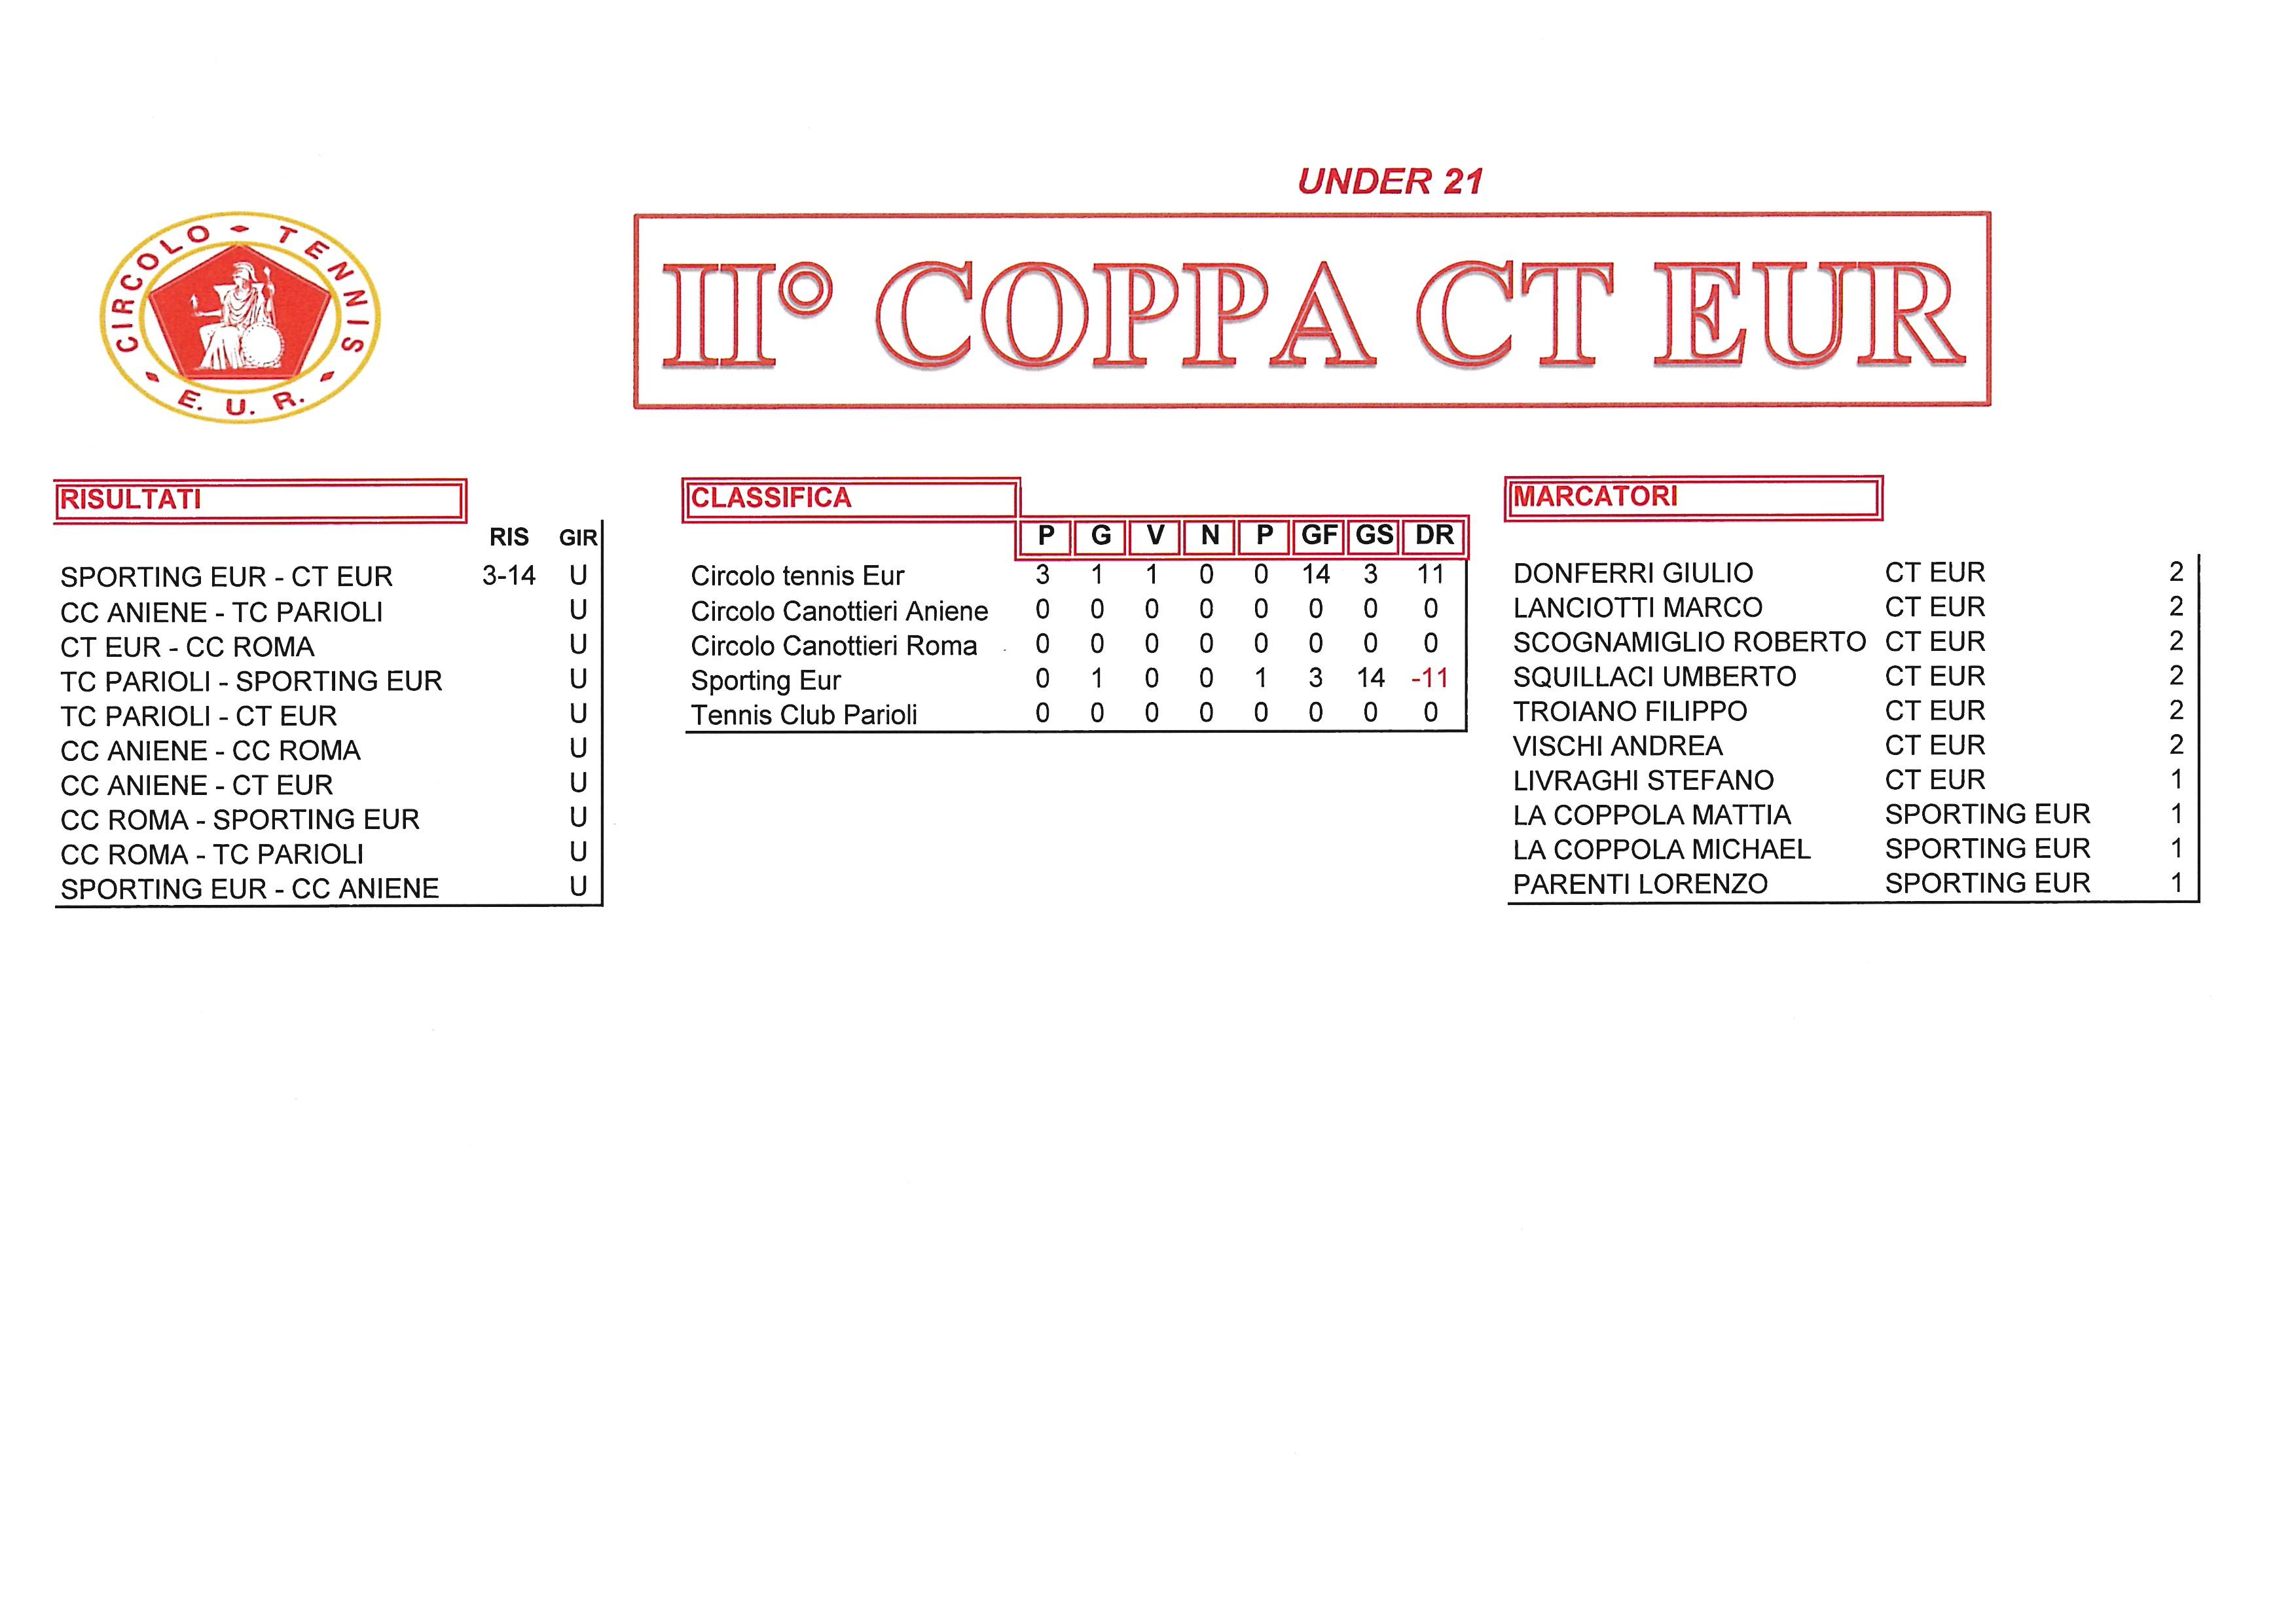 Coppa CT Eur risultati del 21 settembre2017 under21